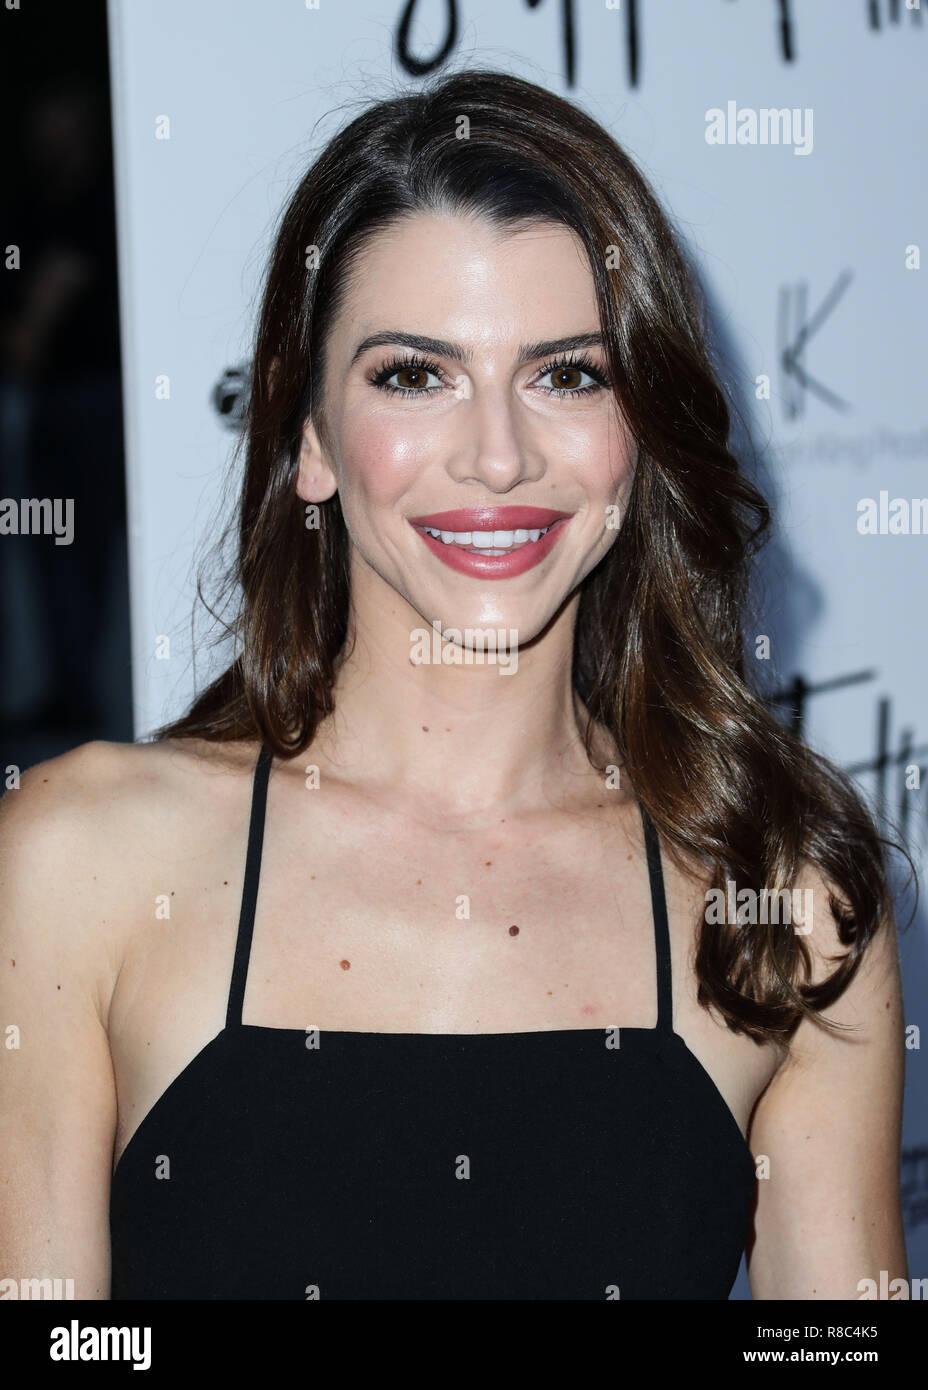 2019 Bianca Haase nude photos 2019